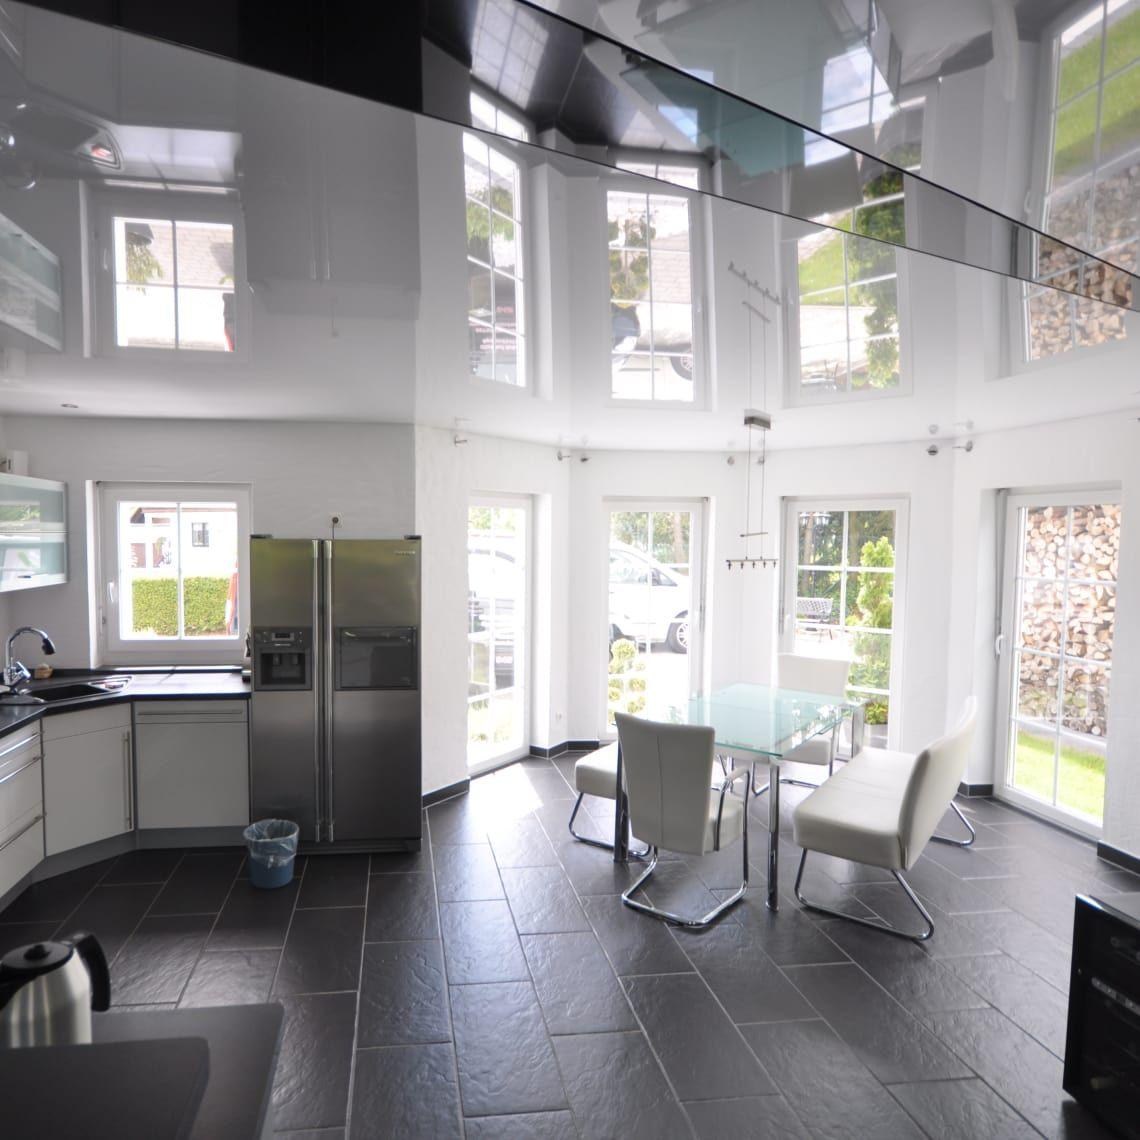 spanndecke wei hochglanz wohnzimmer decke renovieren beleuchtung licht einrichtung. Black Bedroom Furniture Sets. Home Design Ideas